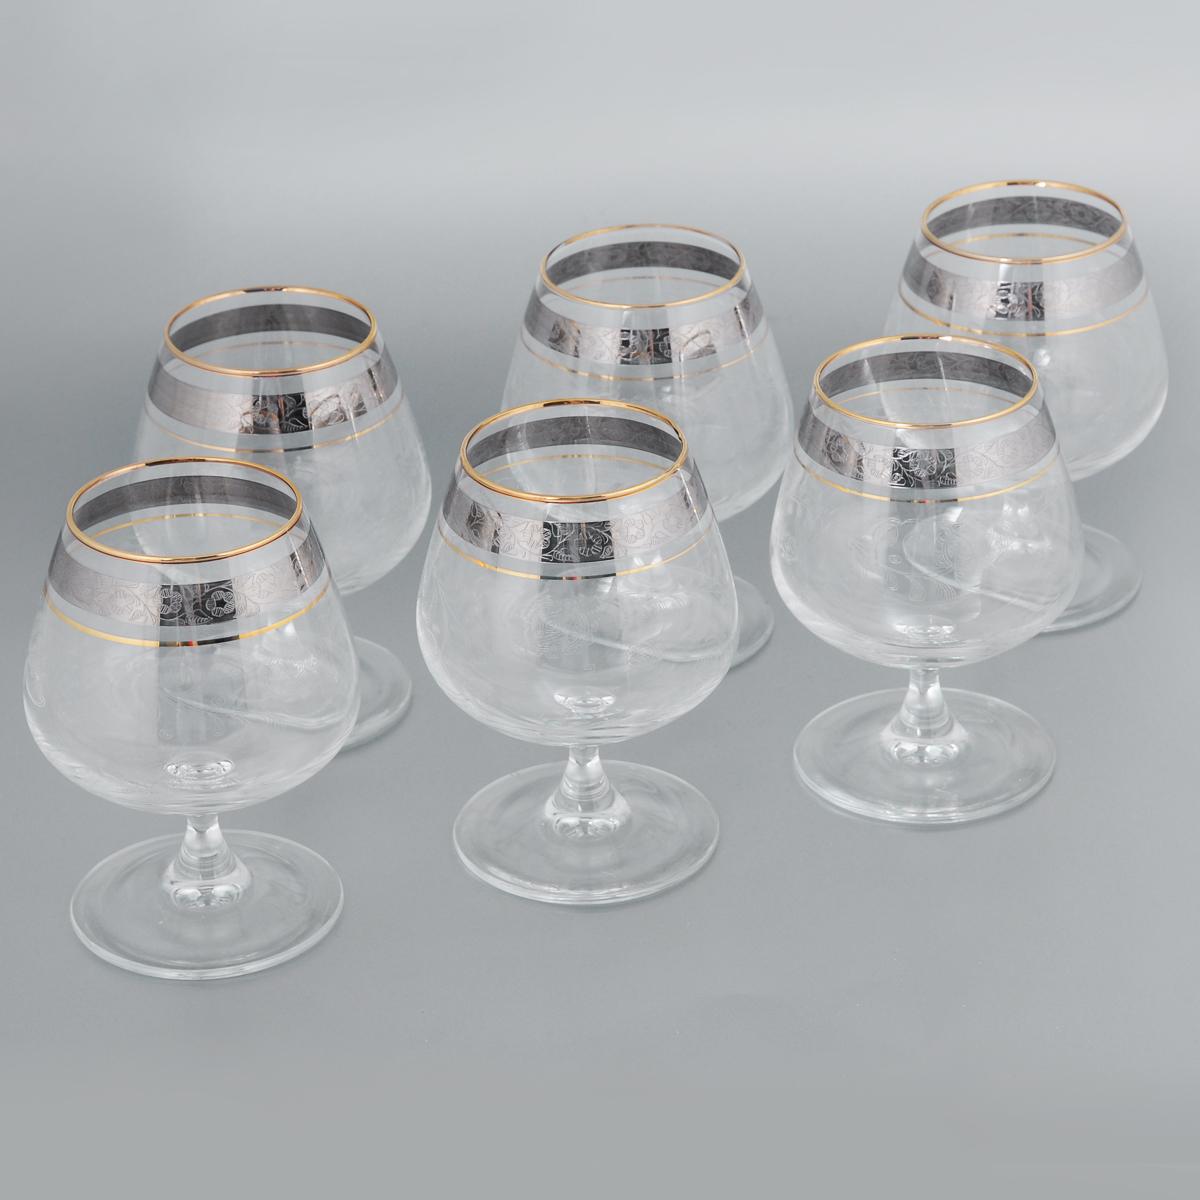 Набор бокалов для бренди Гусь-Хрустальный Нежность, 410 мл, 6 шт набор бокалов гусь хрустальный флорис 190 мл 6 шт